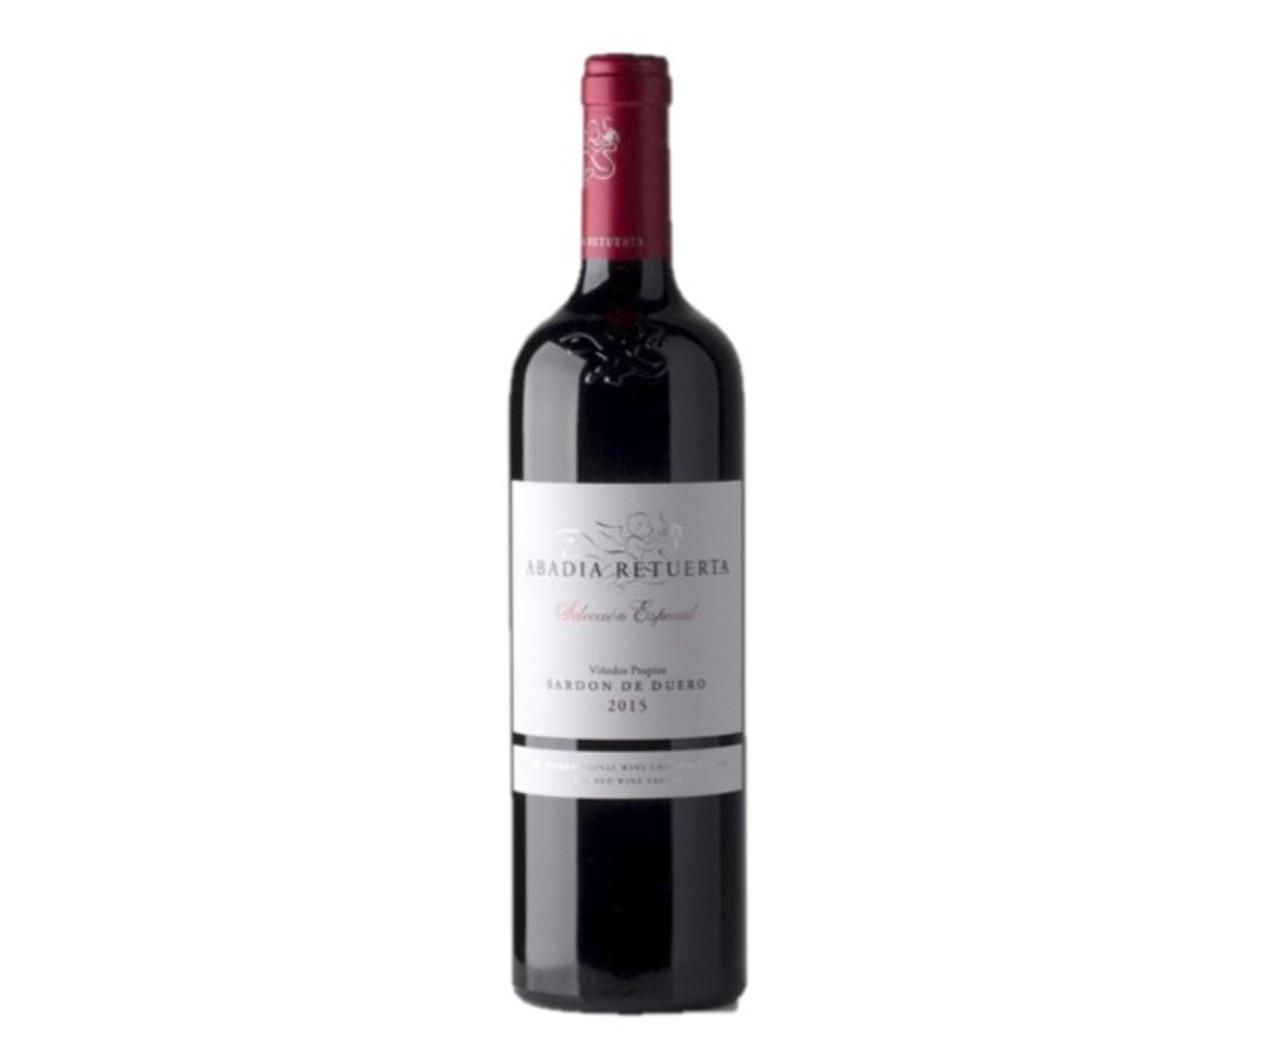 Abadia Retuerta, Vino de la Tierra de Castilla y Leon Seleccion Especial 2013